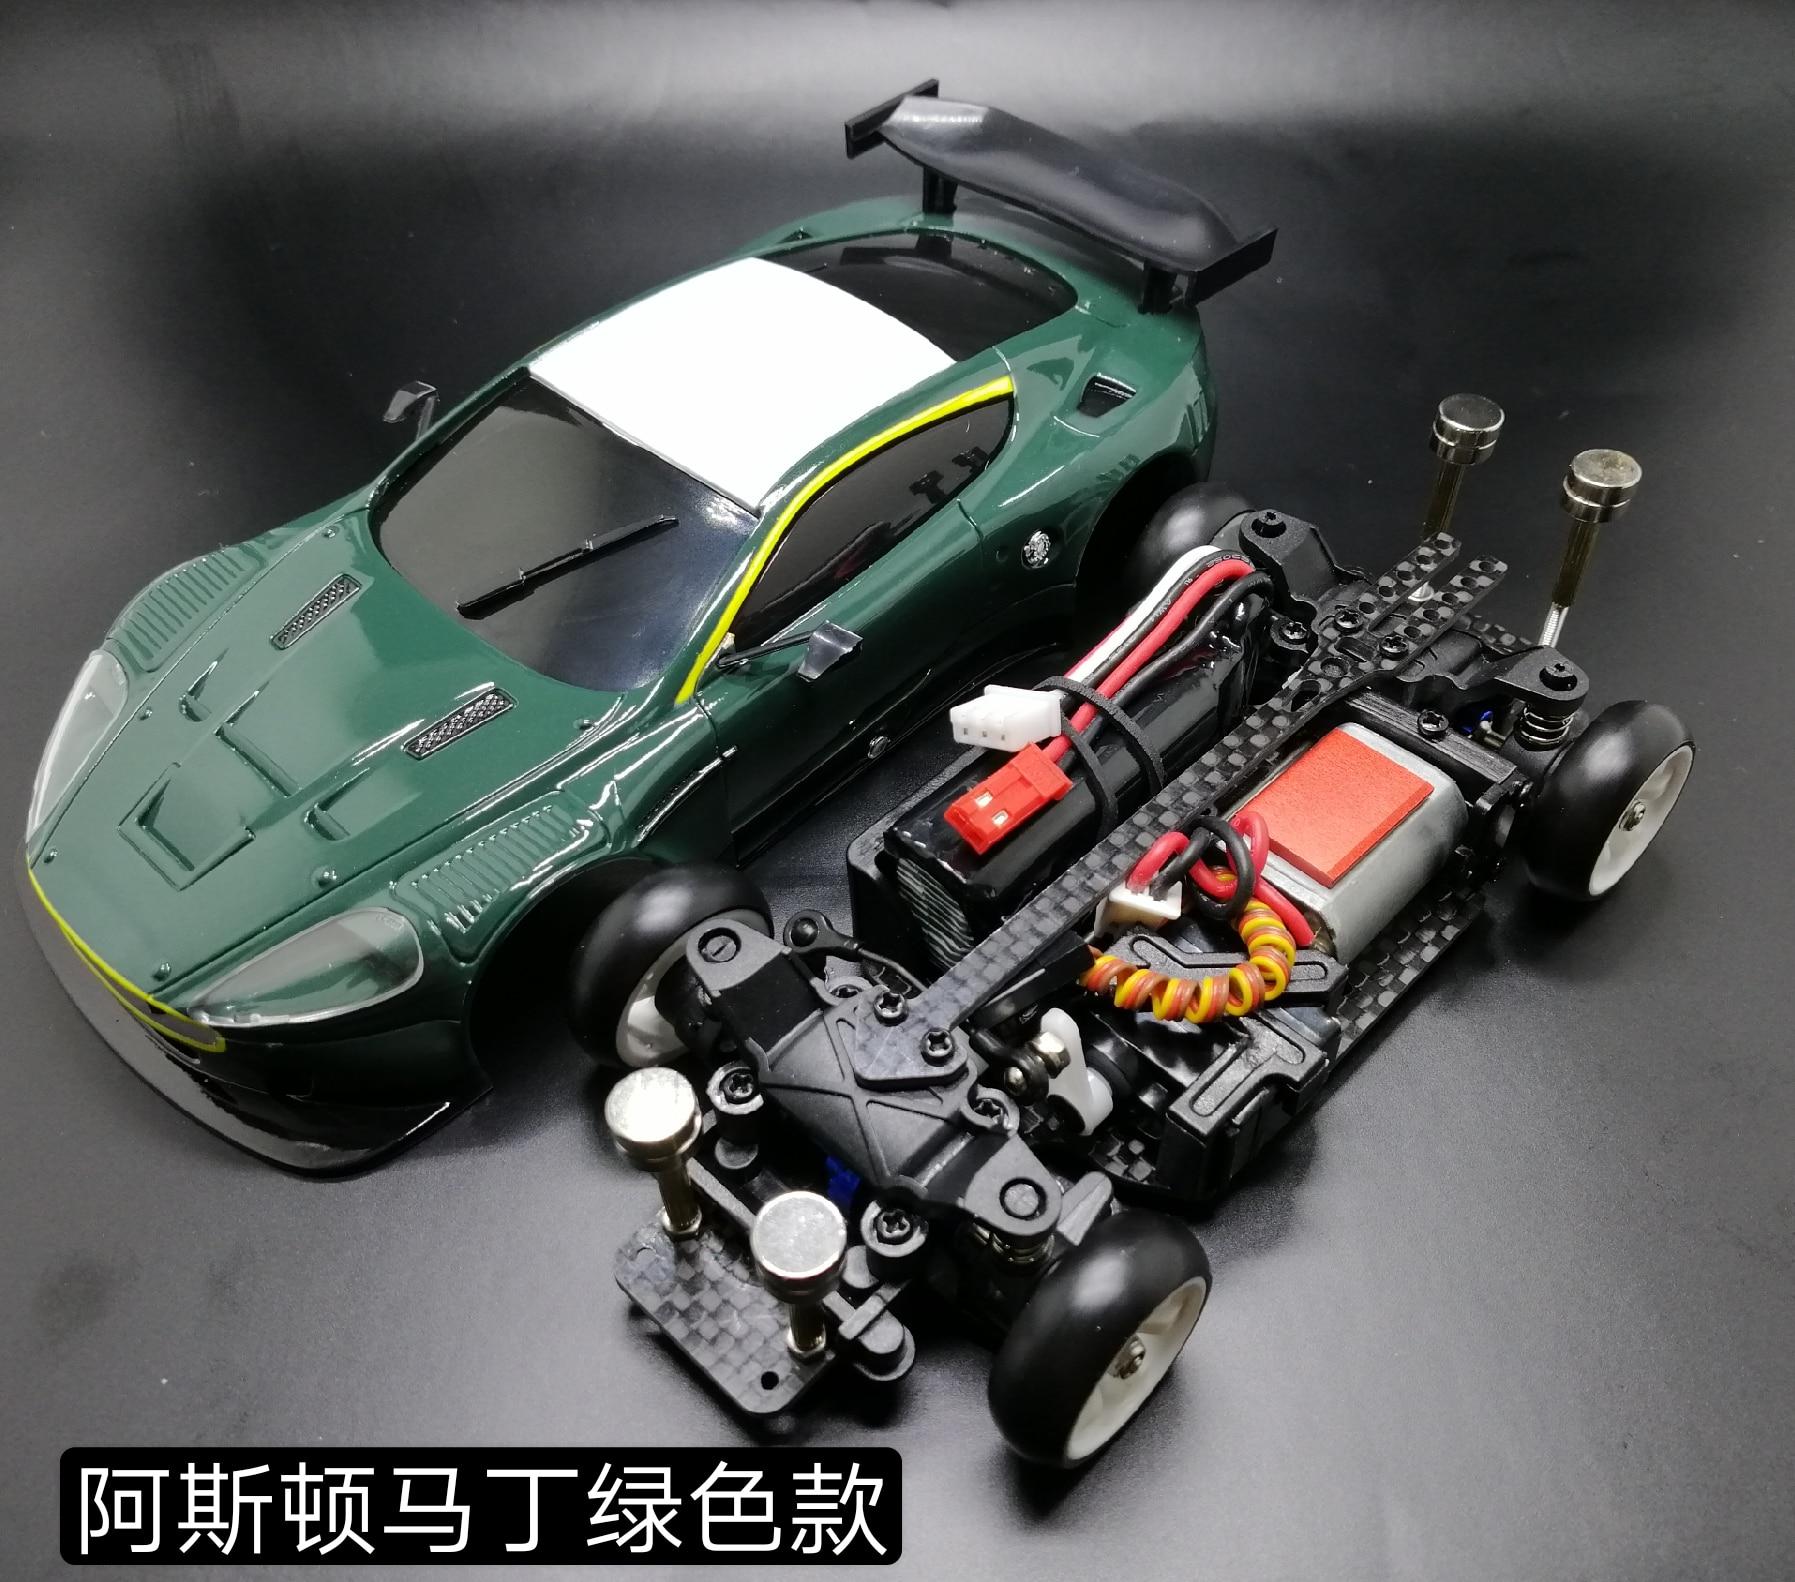 RC Mini Remote Control Car Mosquito Car Modified MINI-Q6 Mini Drift Car 1/28 Mosquito Car